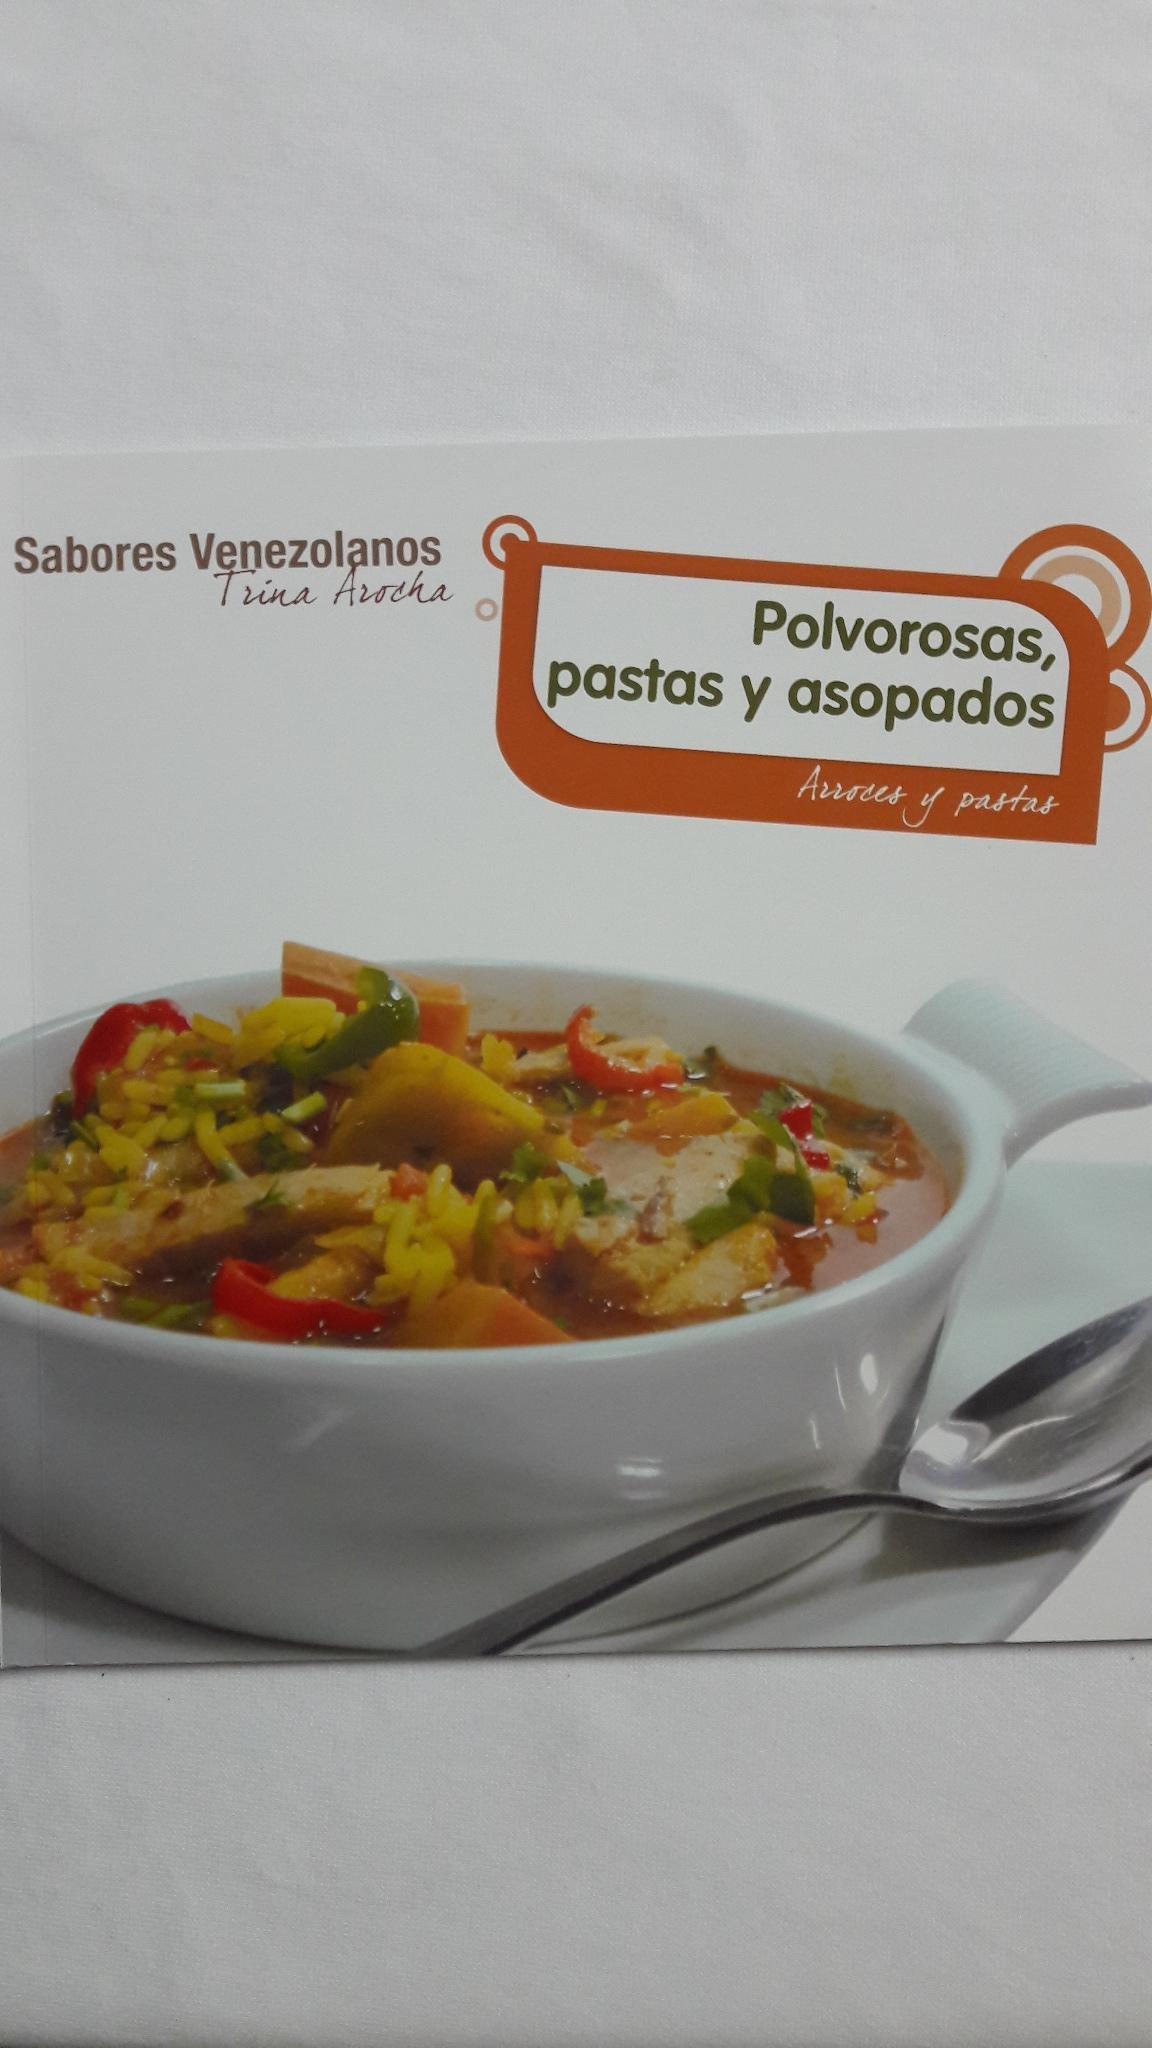 POLVOROSAS, PASTAS Y ASOPADOS: ARROCES Y PASTAS Paperback – 2011